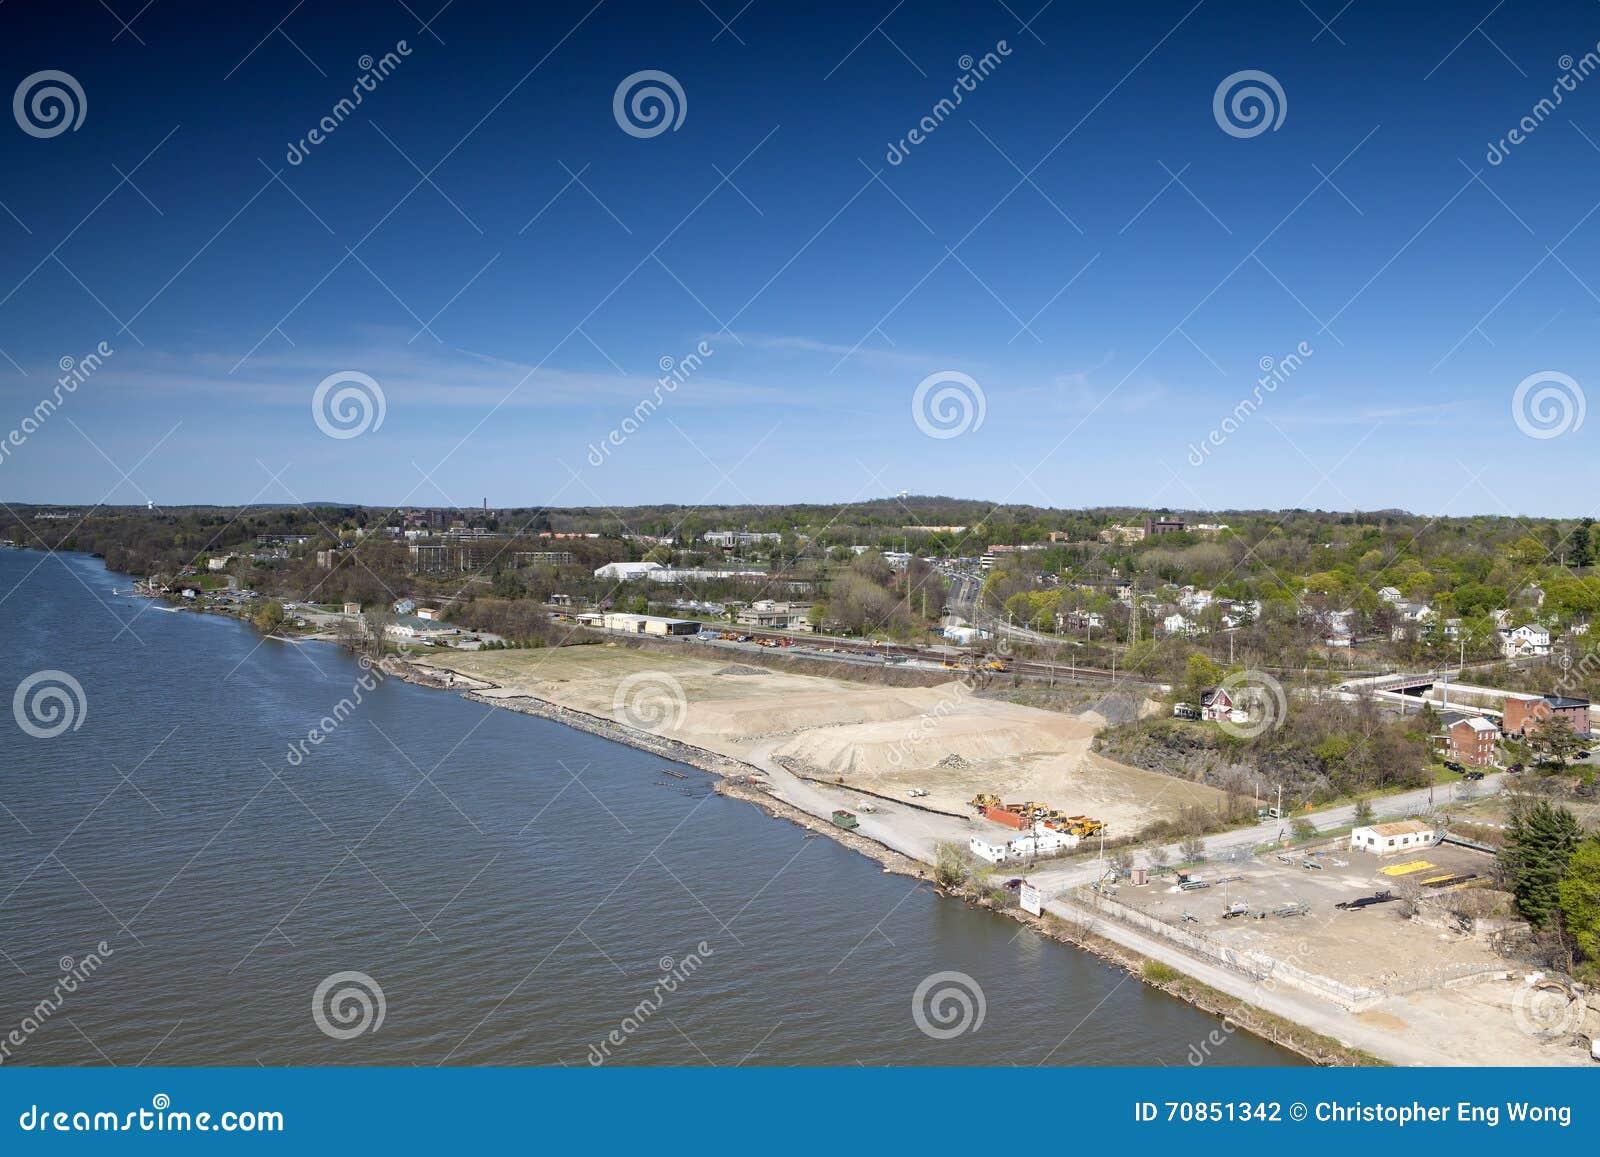 Las orillas de Poughkeepsie